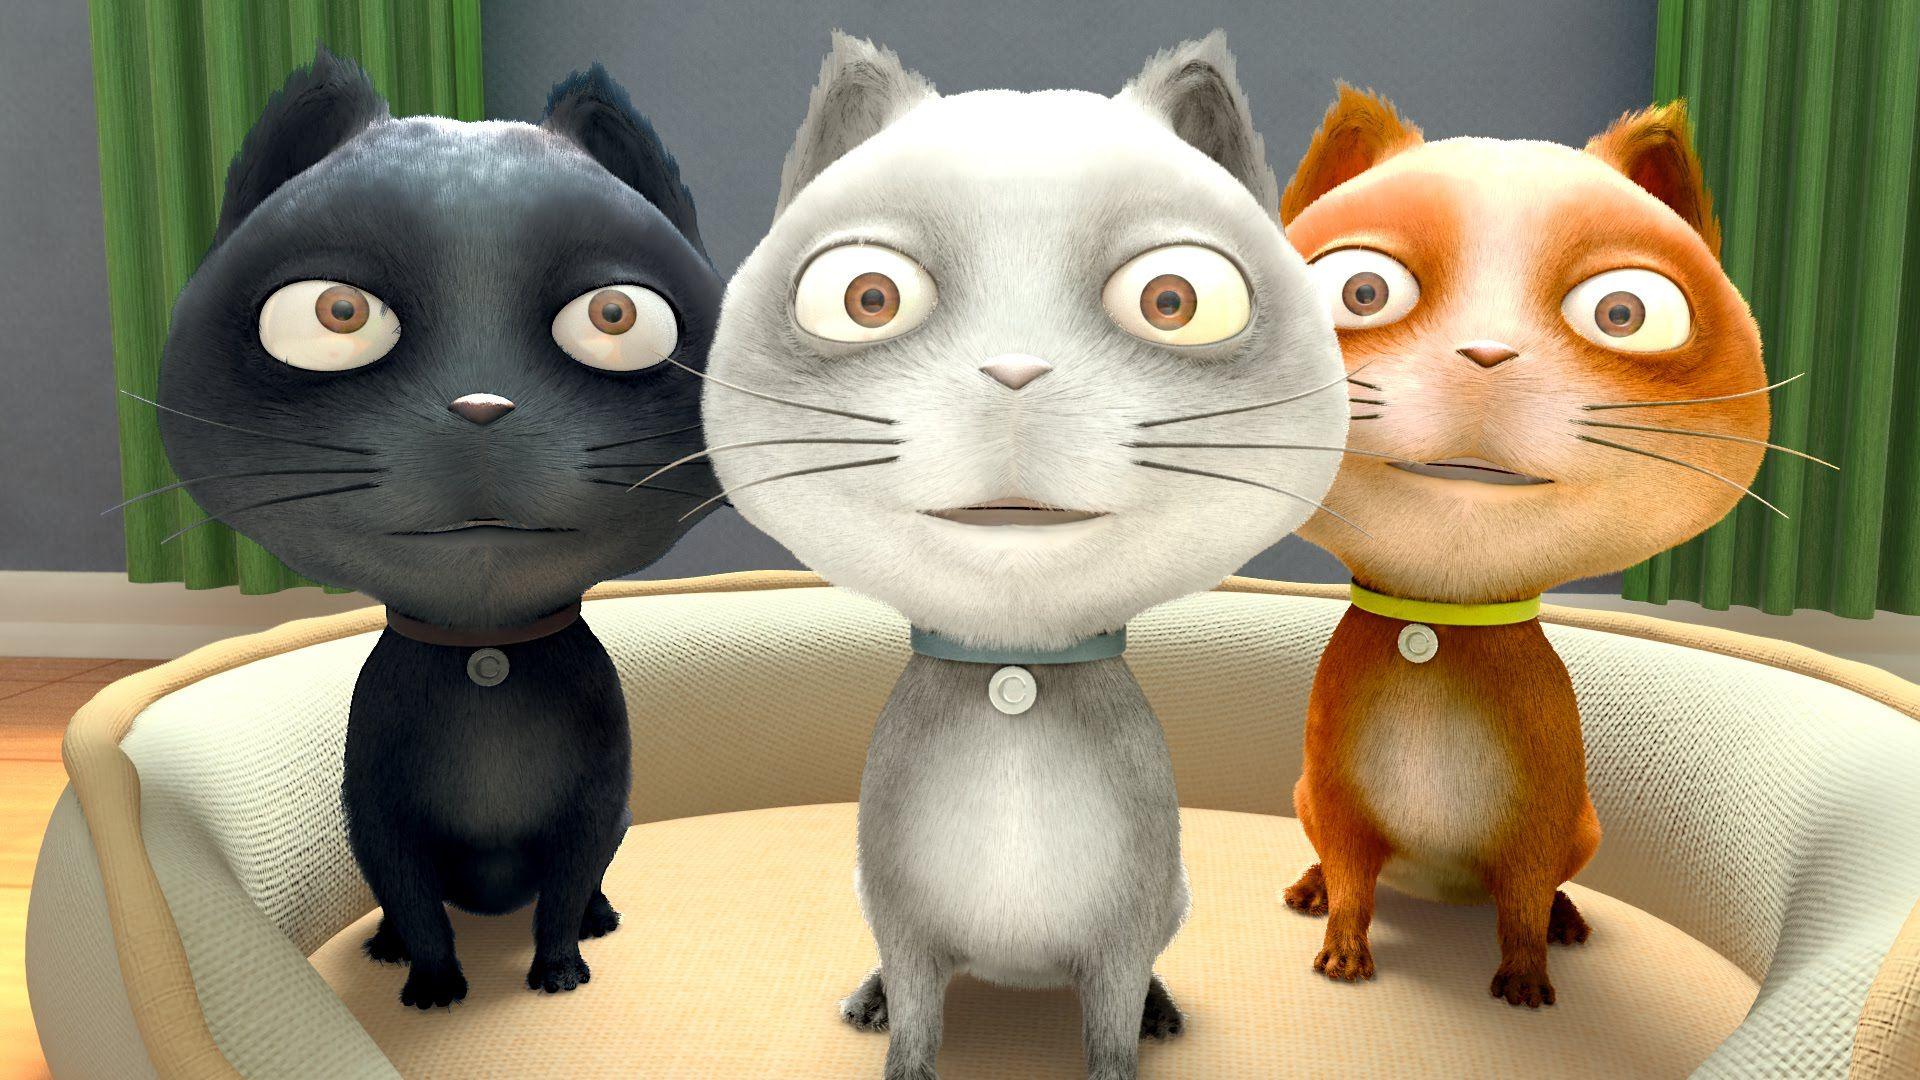 Three Little Kittens Best Compilation Full Hd Nursery Rhymes Looloo Kids Cute Kitten Gif Little Kittens Best Nursery Rhymes